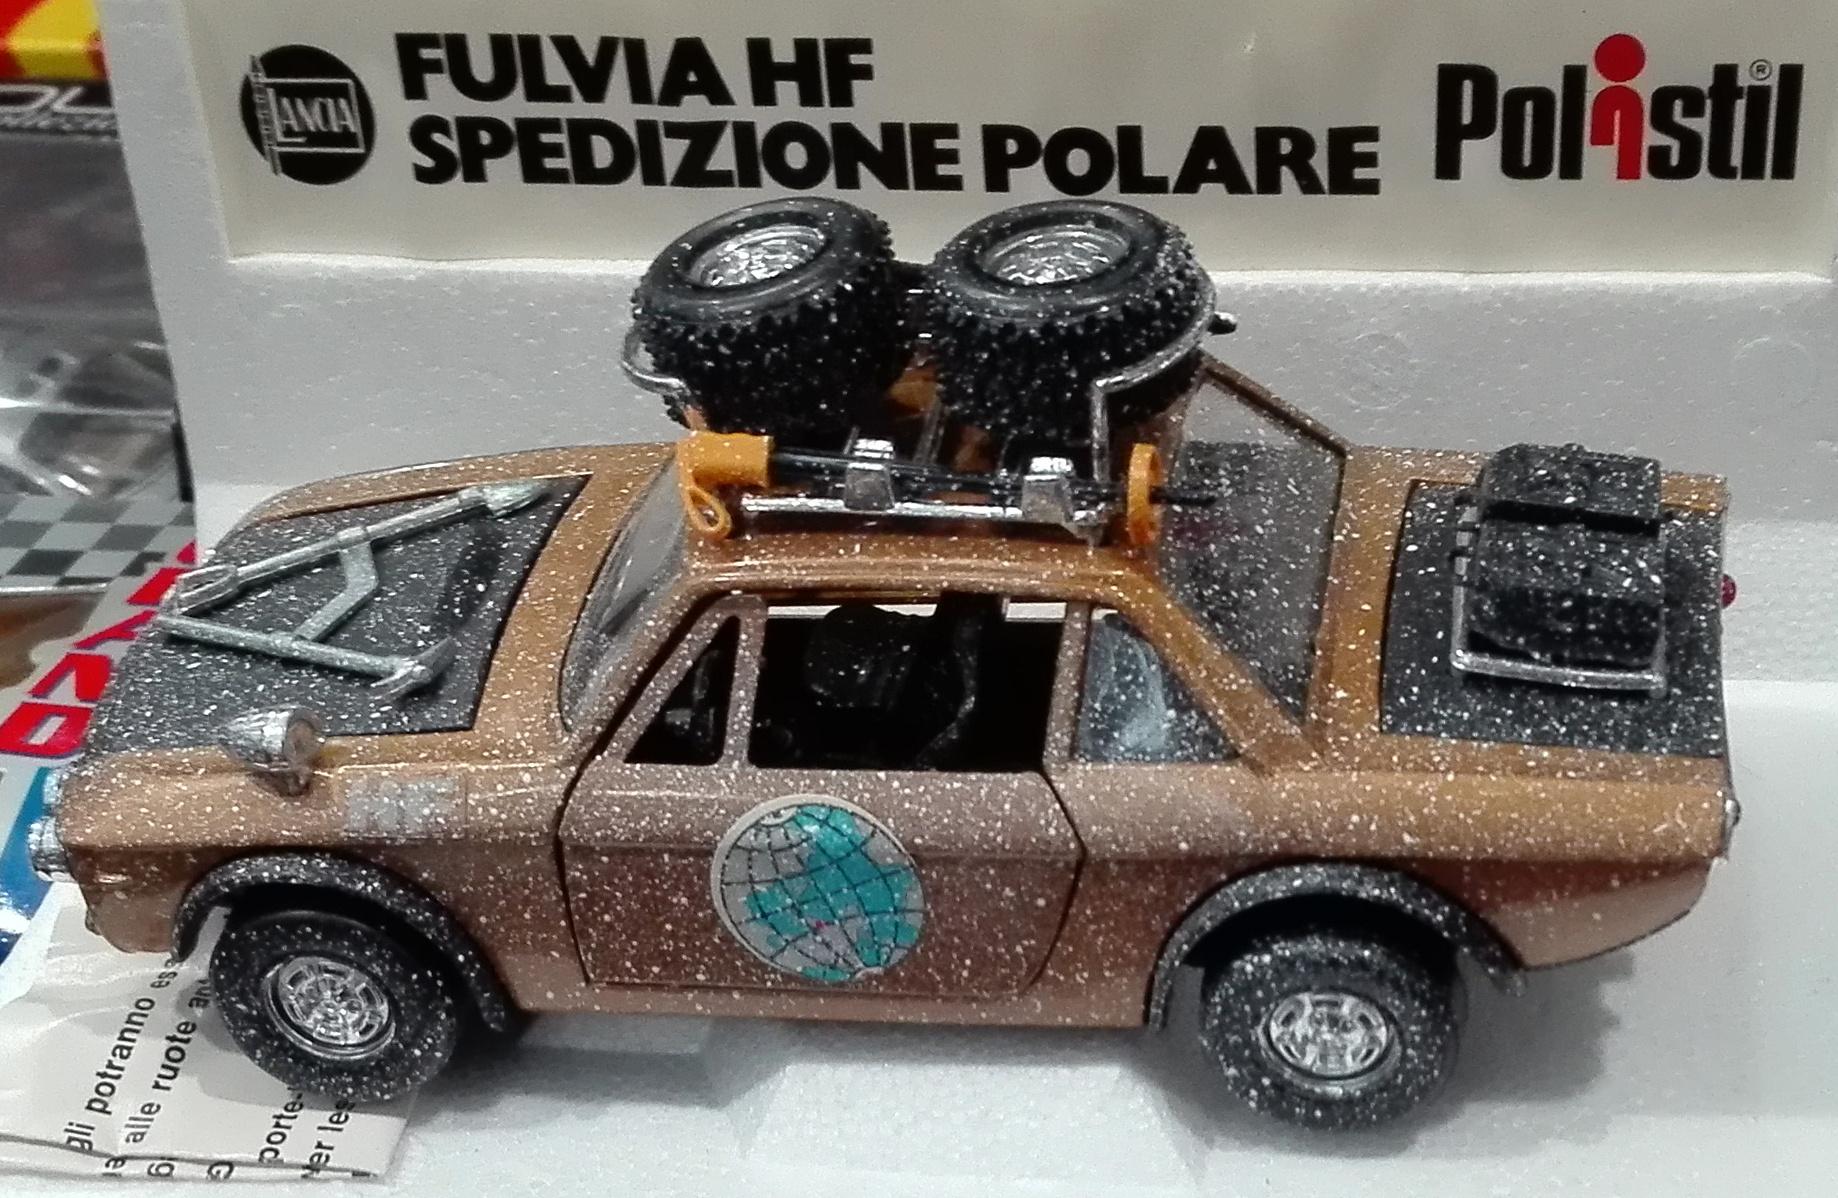 S19, Lancia Fulvia 1600 hf spedizione polare